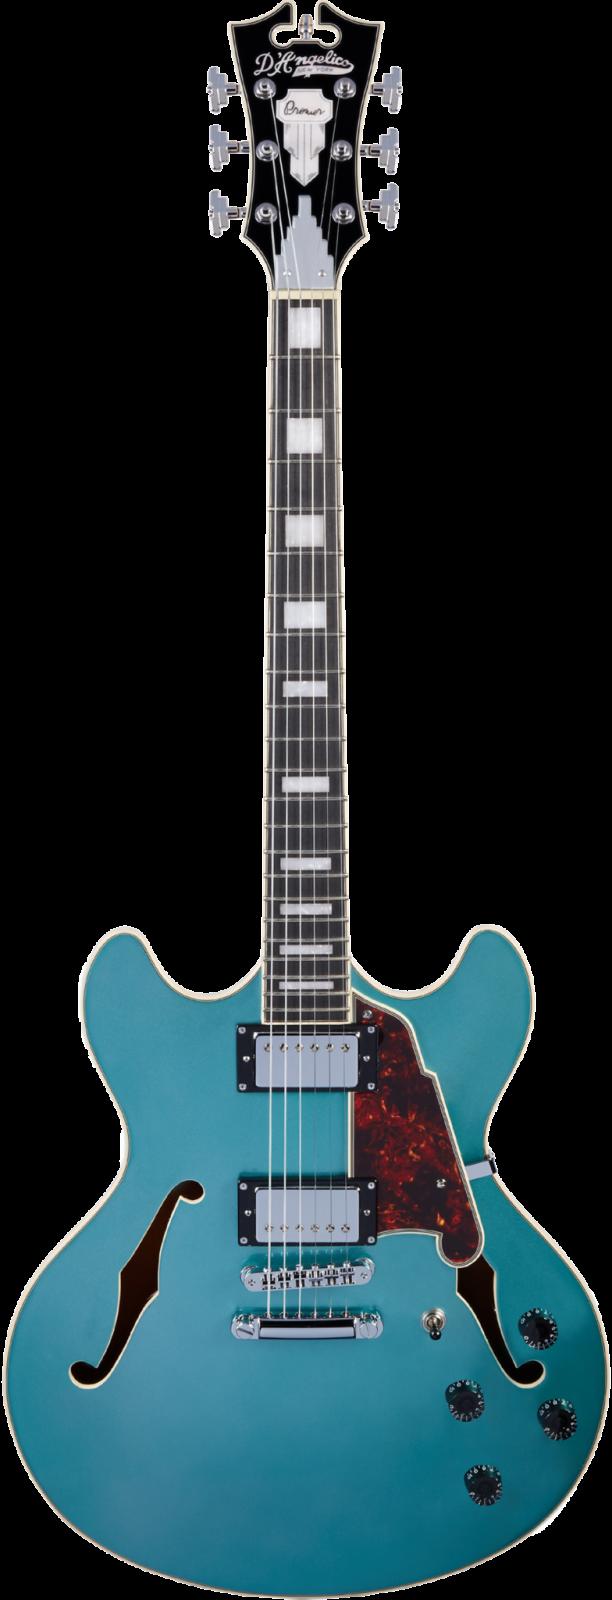 D'Angelico Premier DC Double-Cut Semi-Hollow - Ocean Turquoise